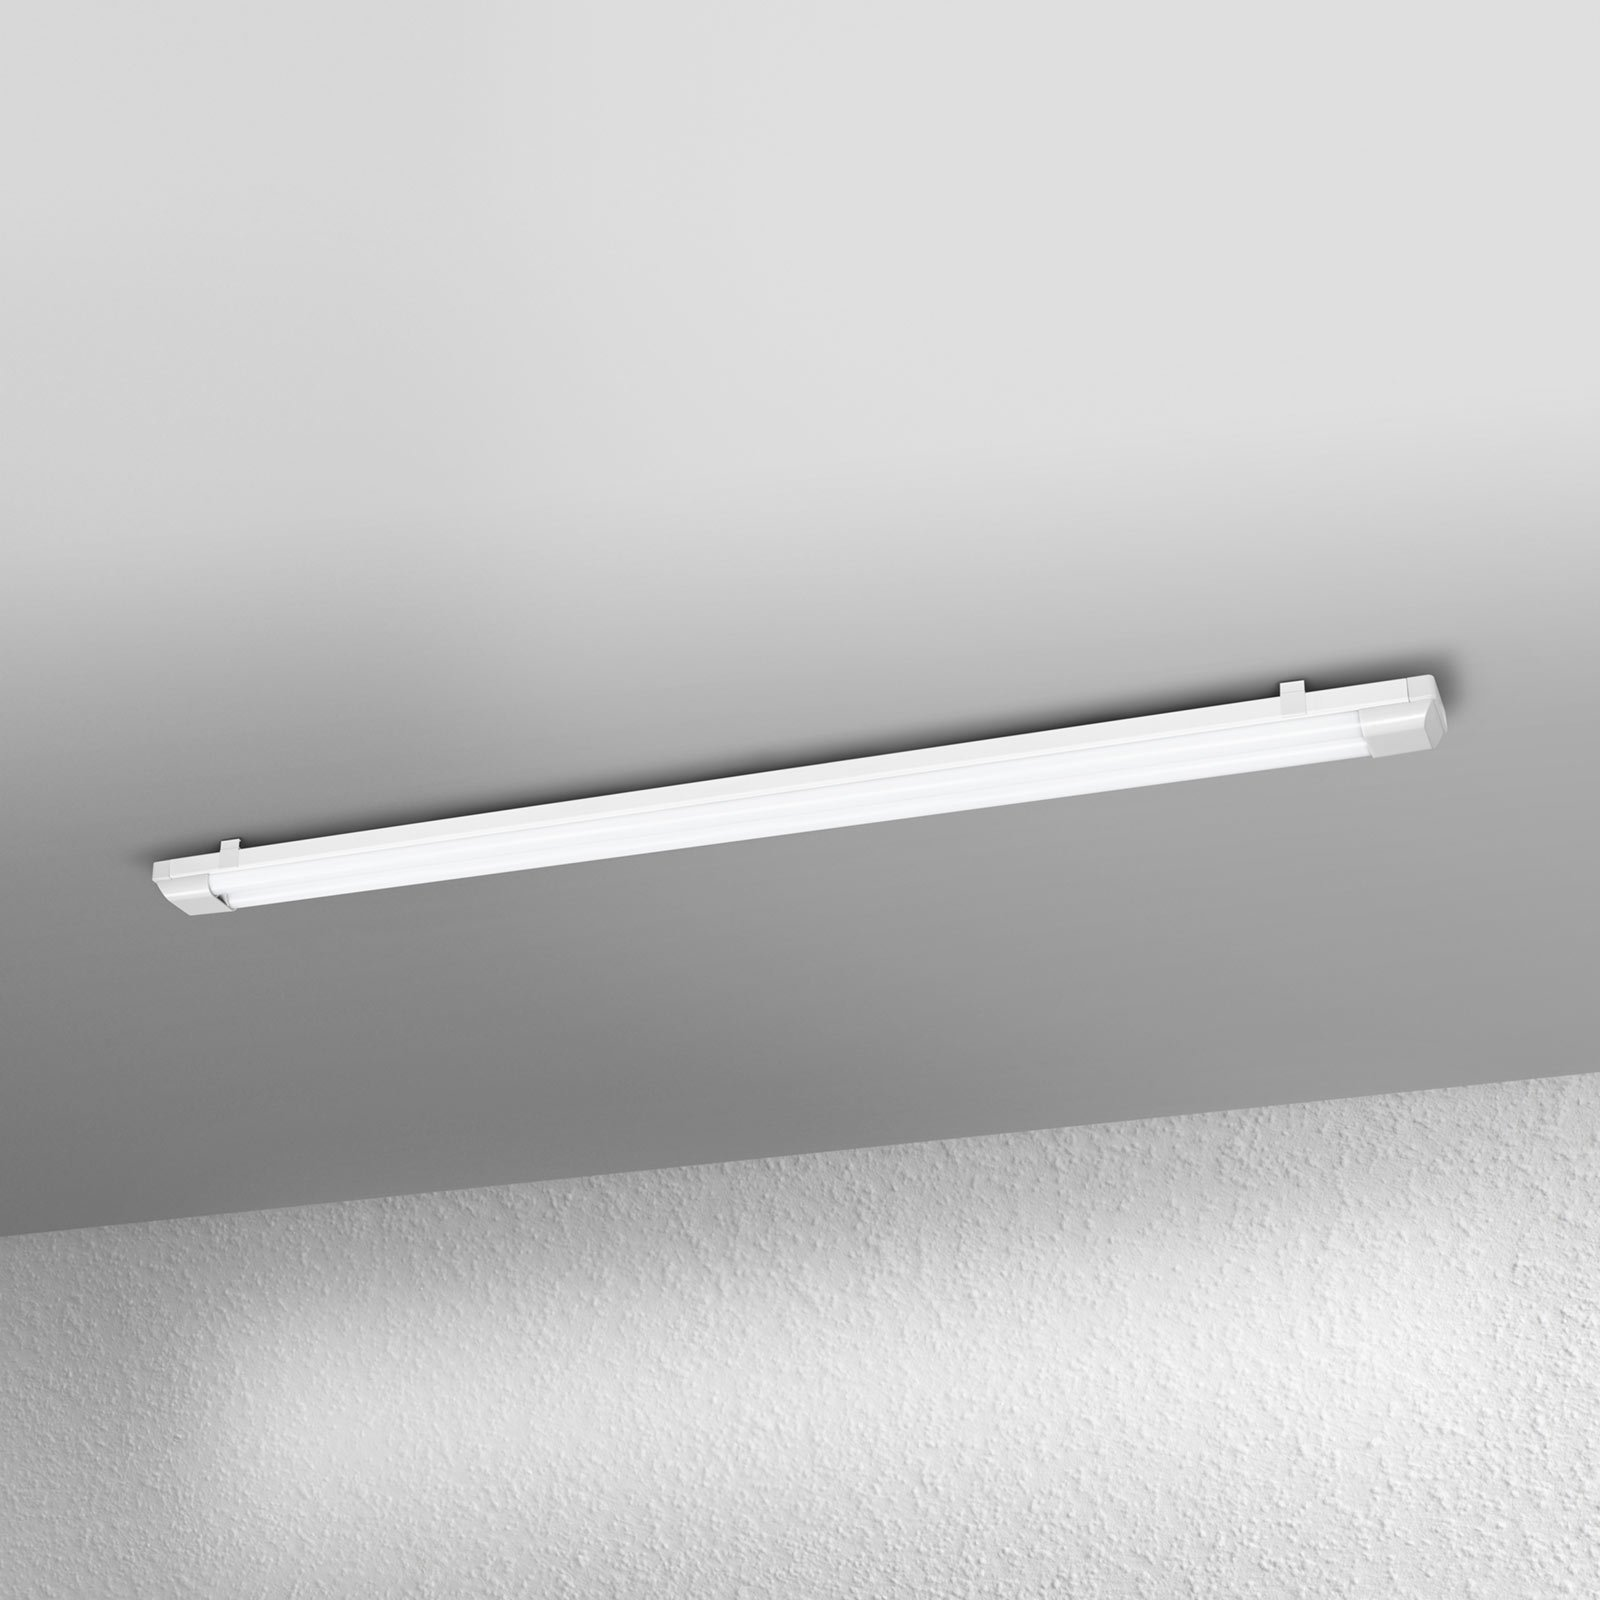 LEDVANCE Power Batten Dopp taklampe 120cm 4 000 K